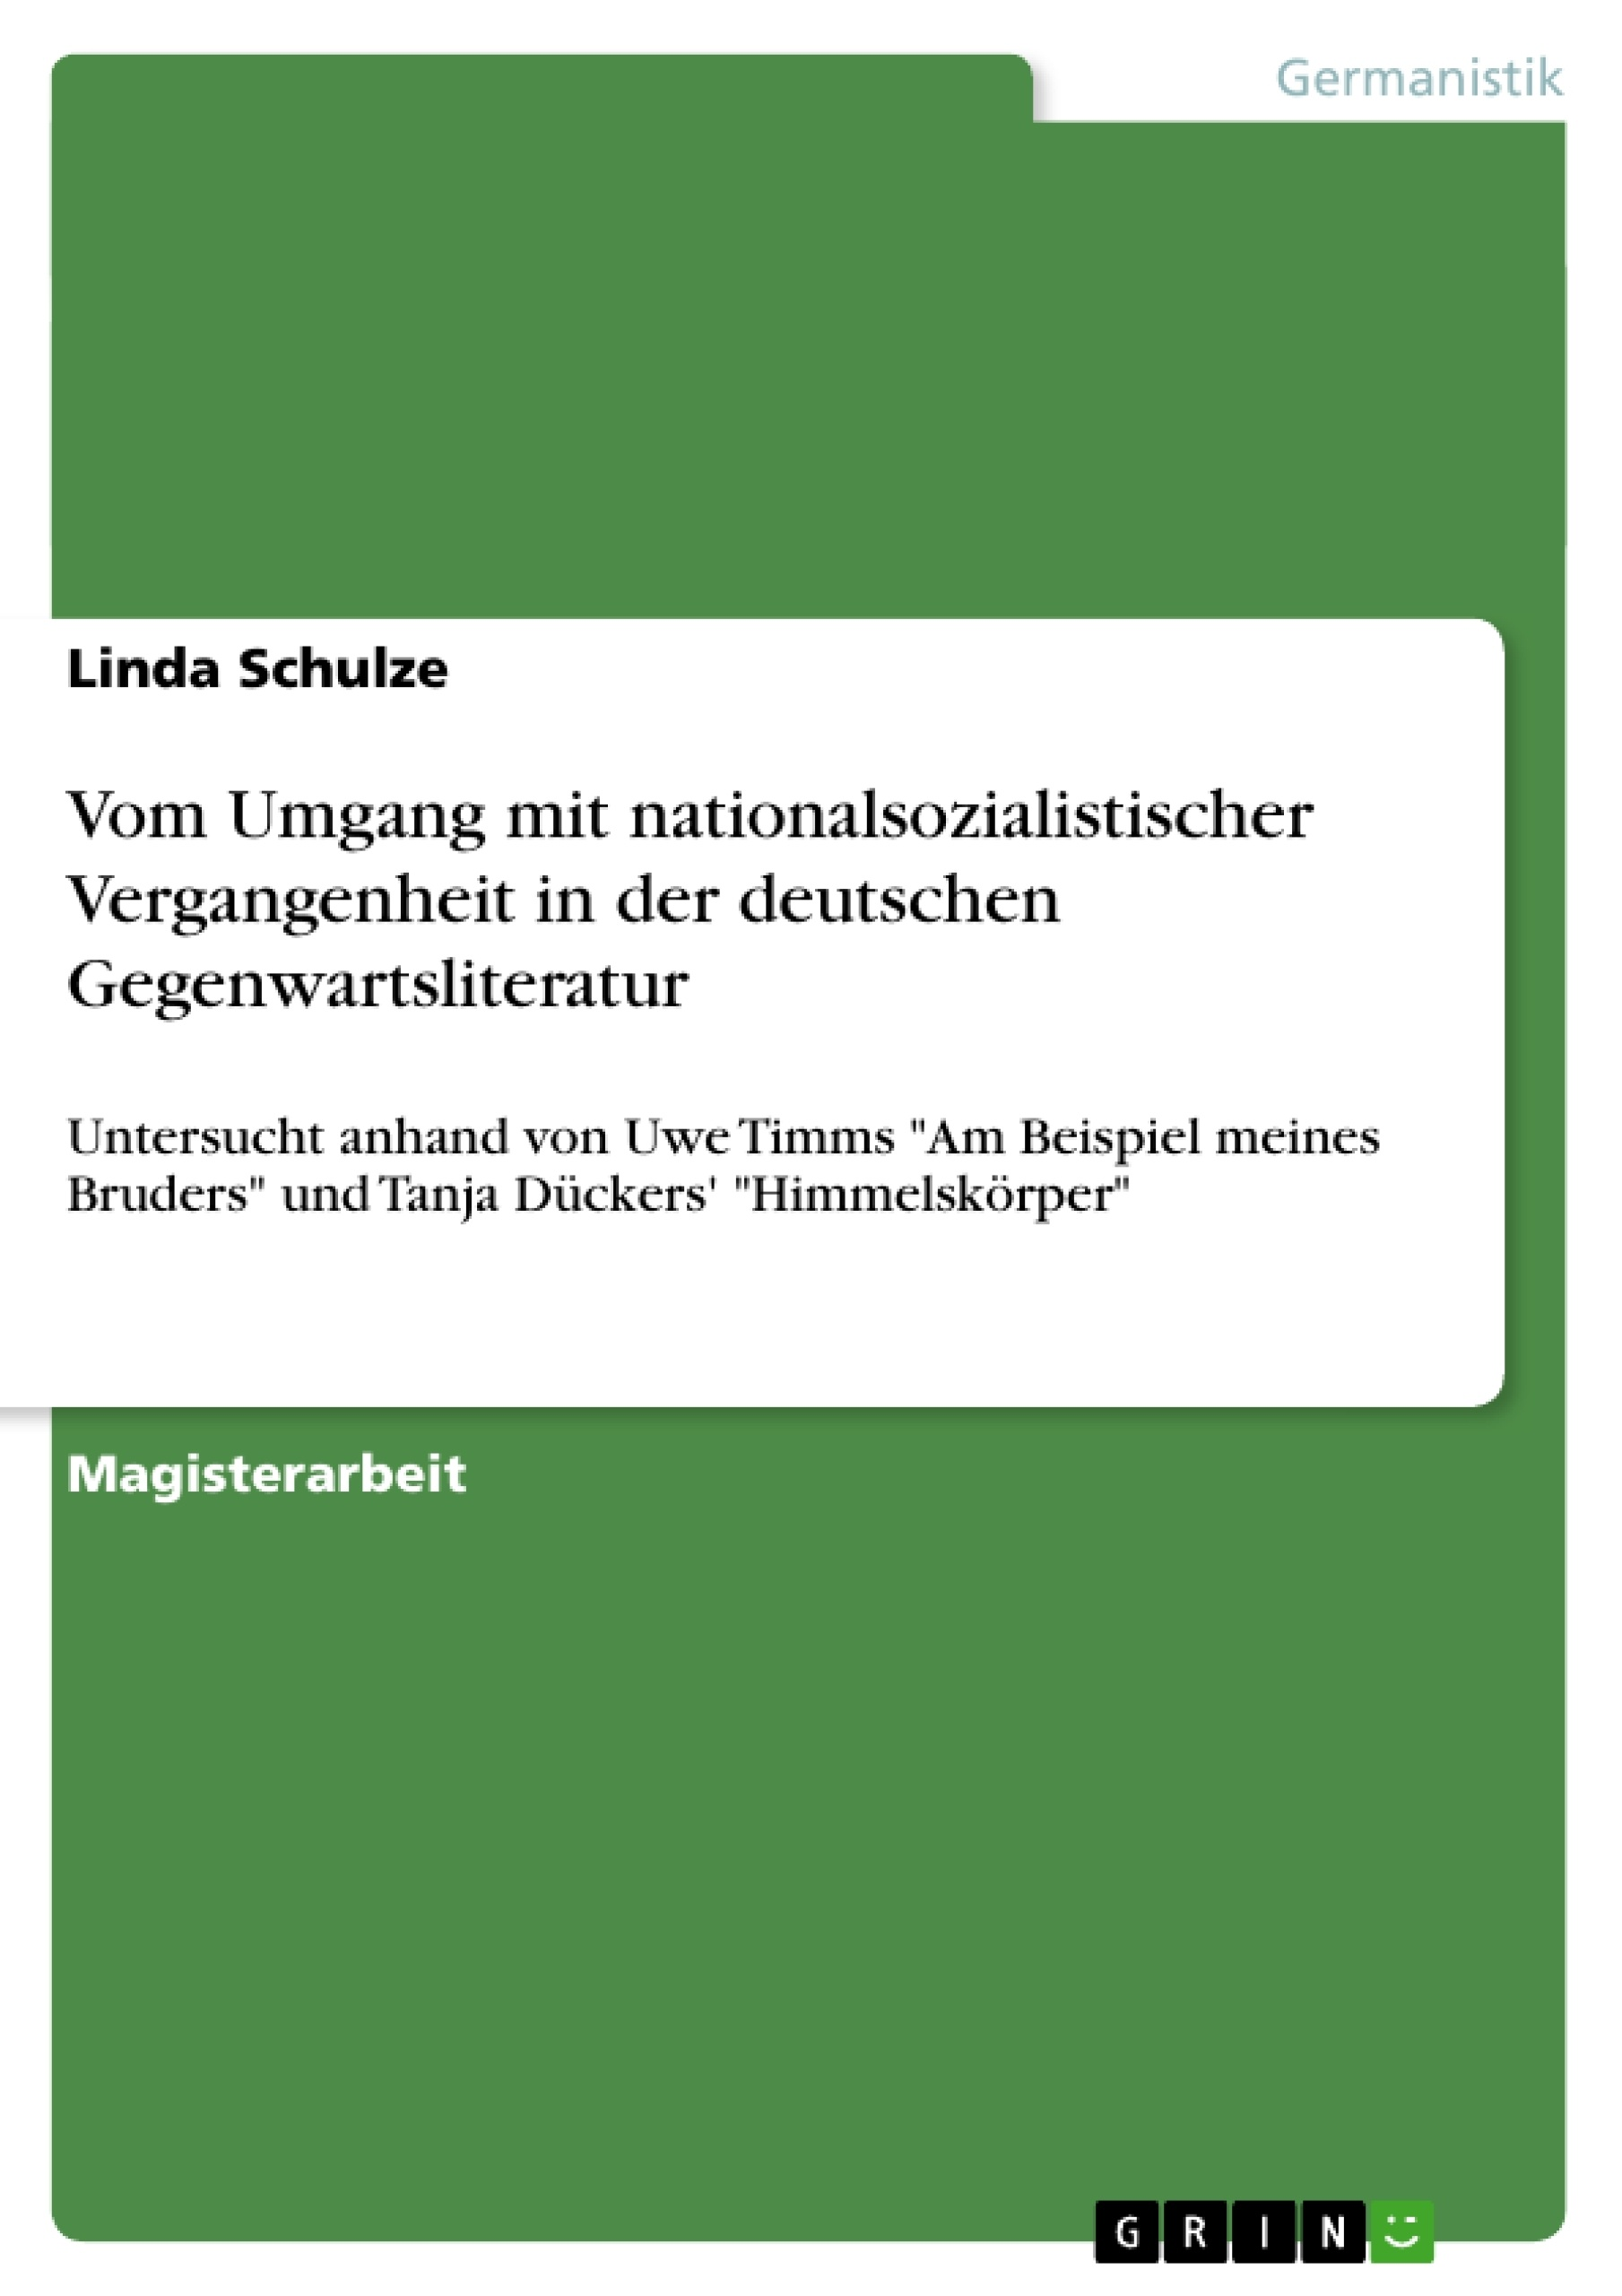 Titel: Vom Umgang mit nationalsozialistischer Vergangenheit in der deutschen Gegenwartsliteratur